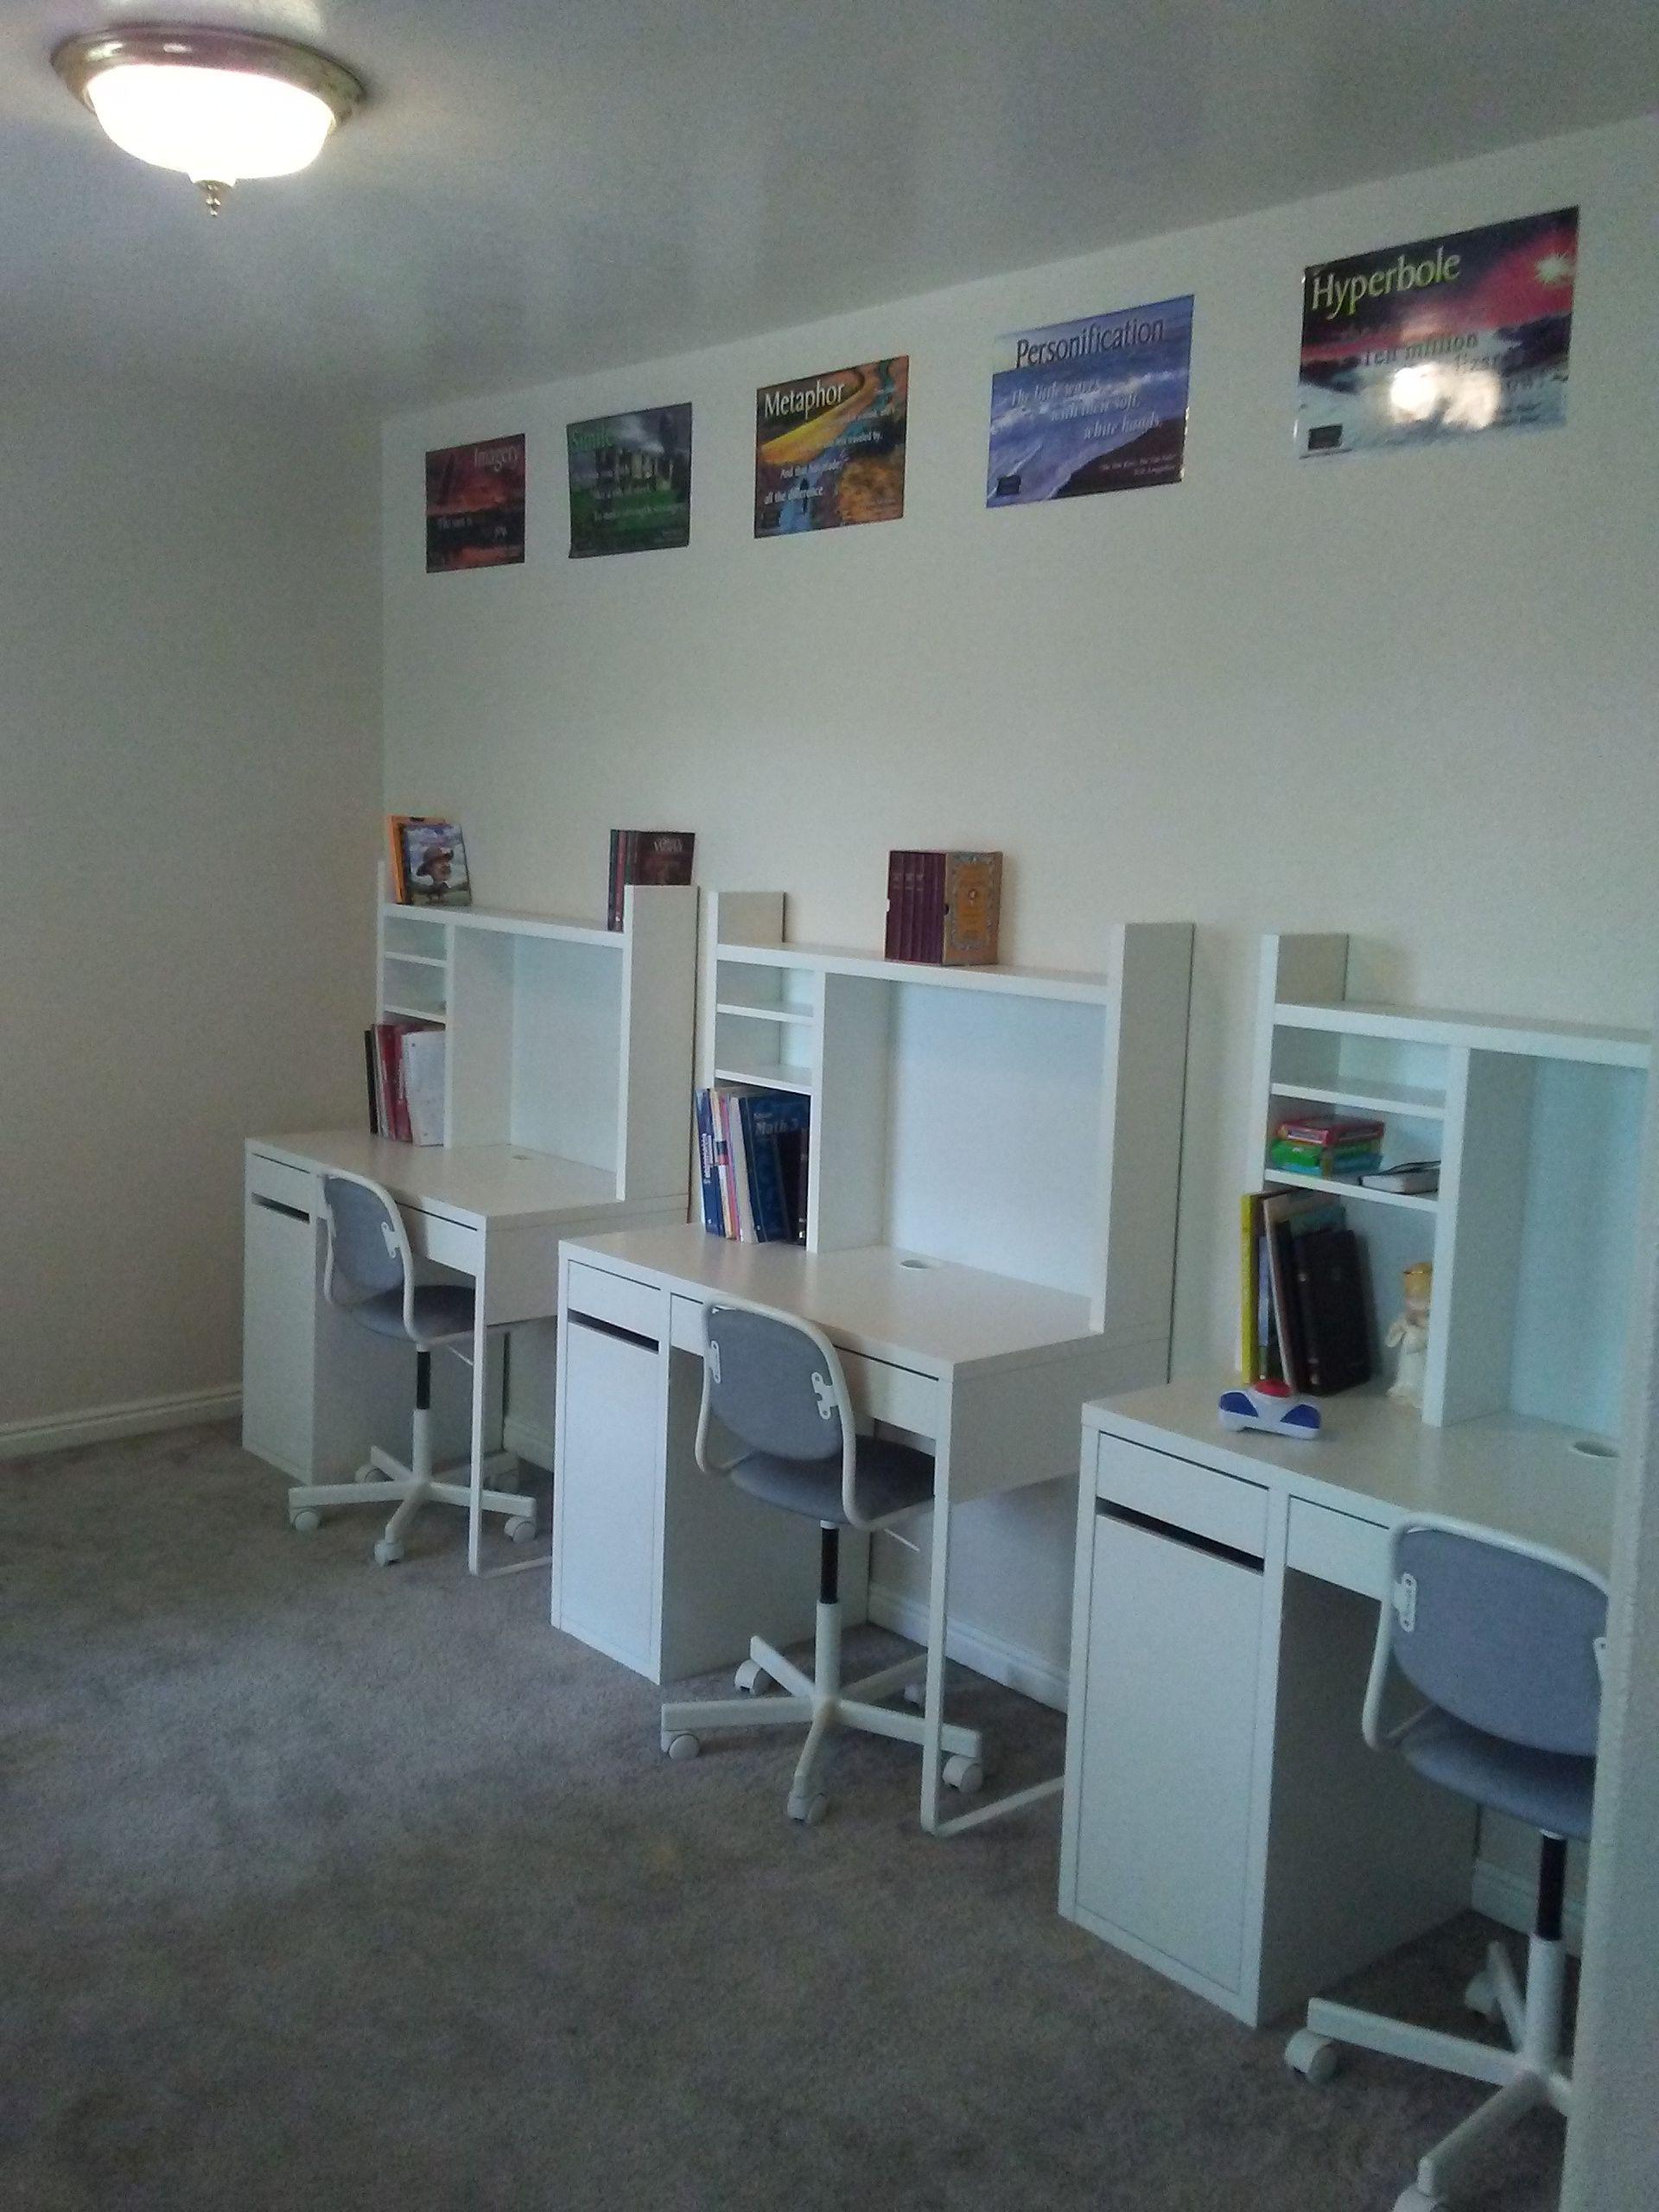 Home School Desk Space Ikea Desks And Chairs Homeschool Room Design Kids Homework Room Preschool Desk